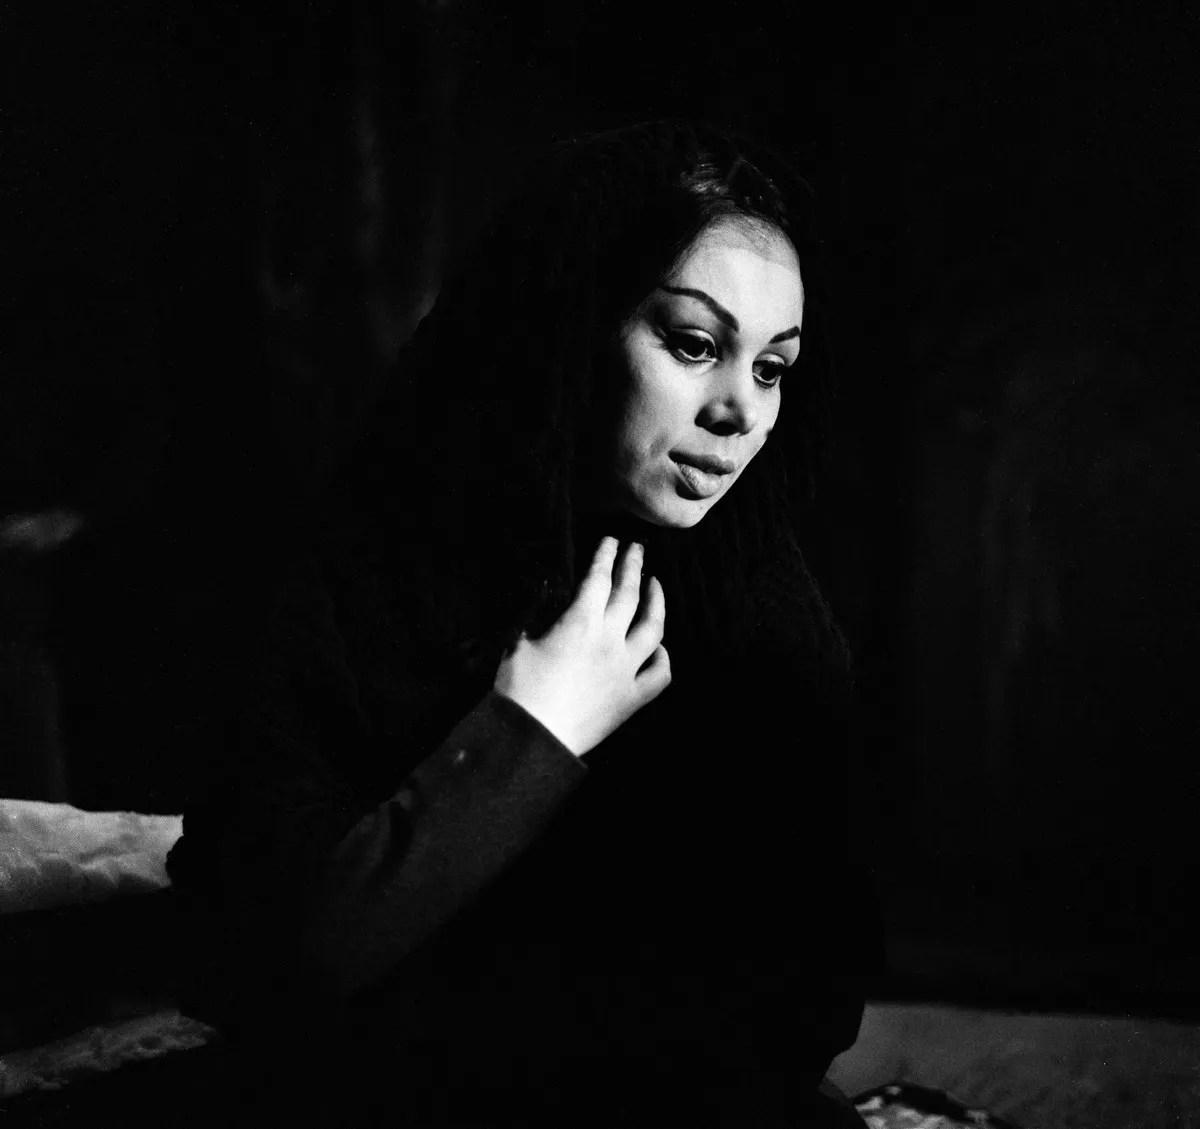 Mirella Freni in La bohème in 1963 photo by Piccagliani